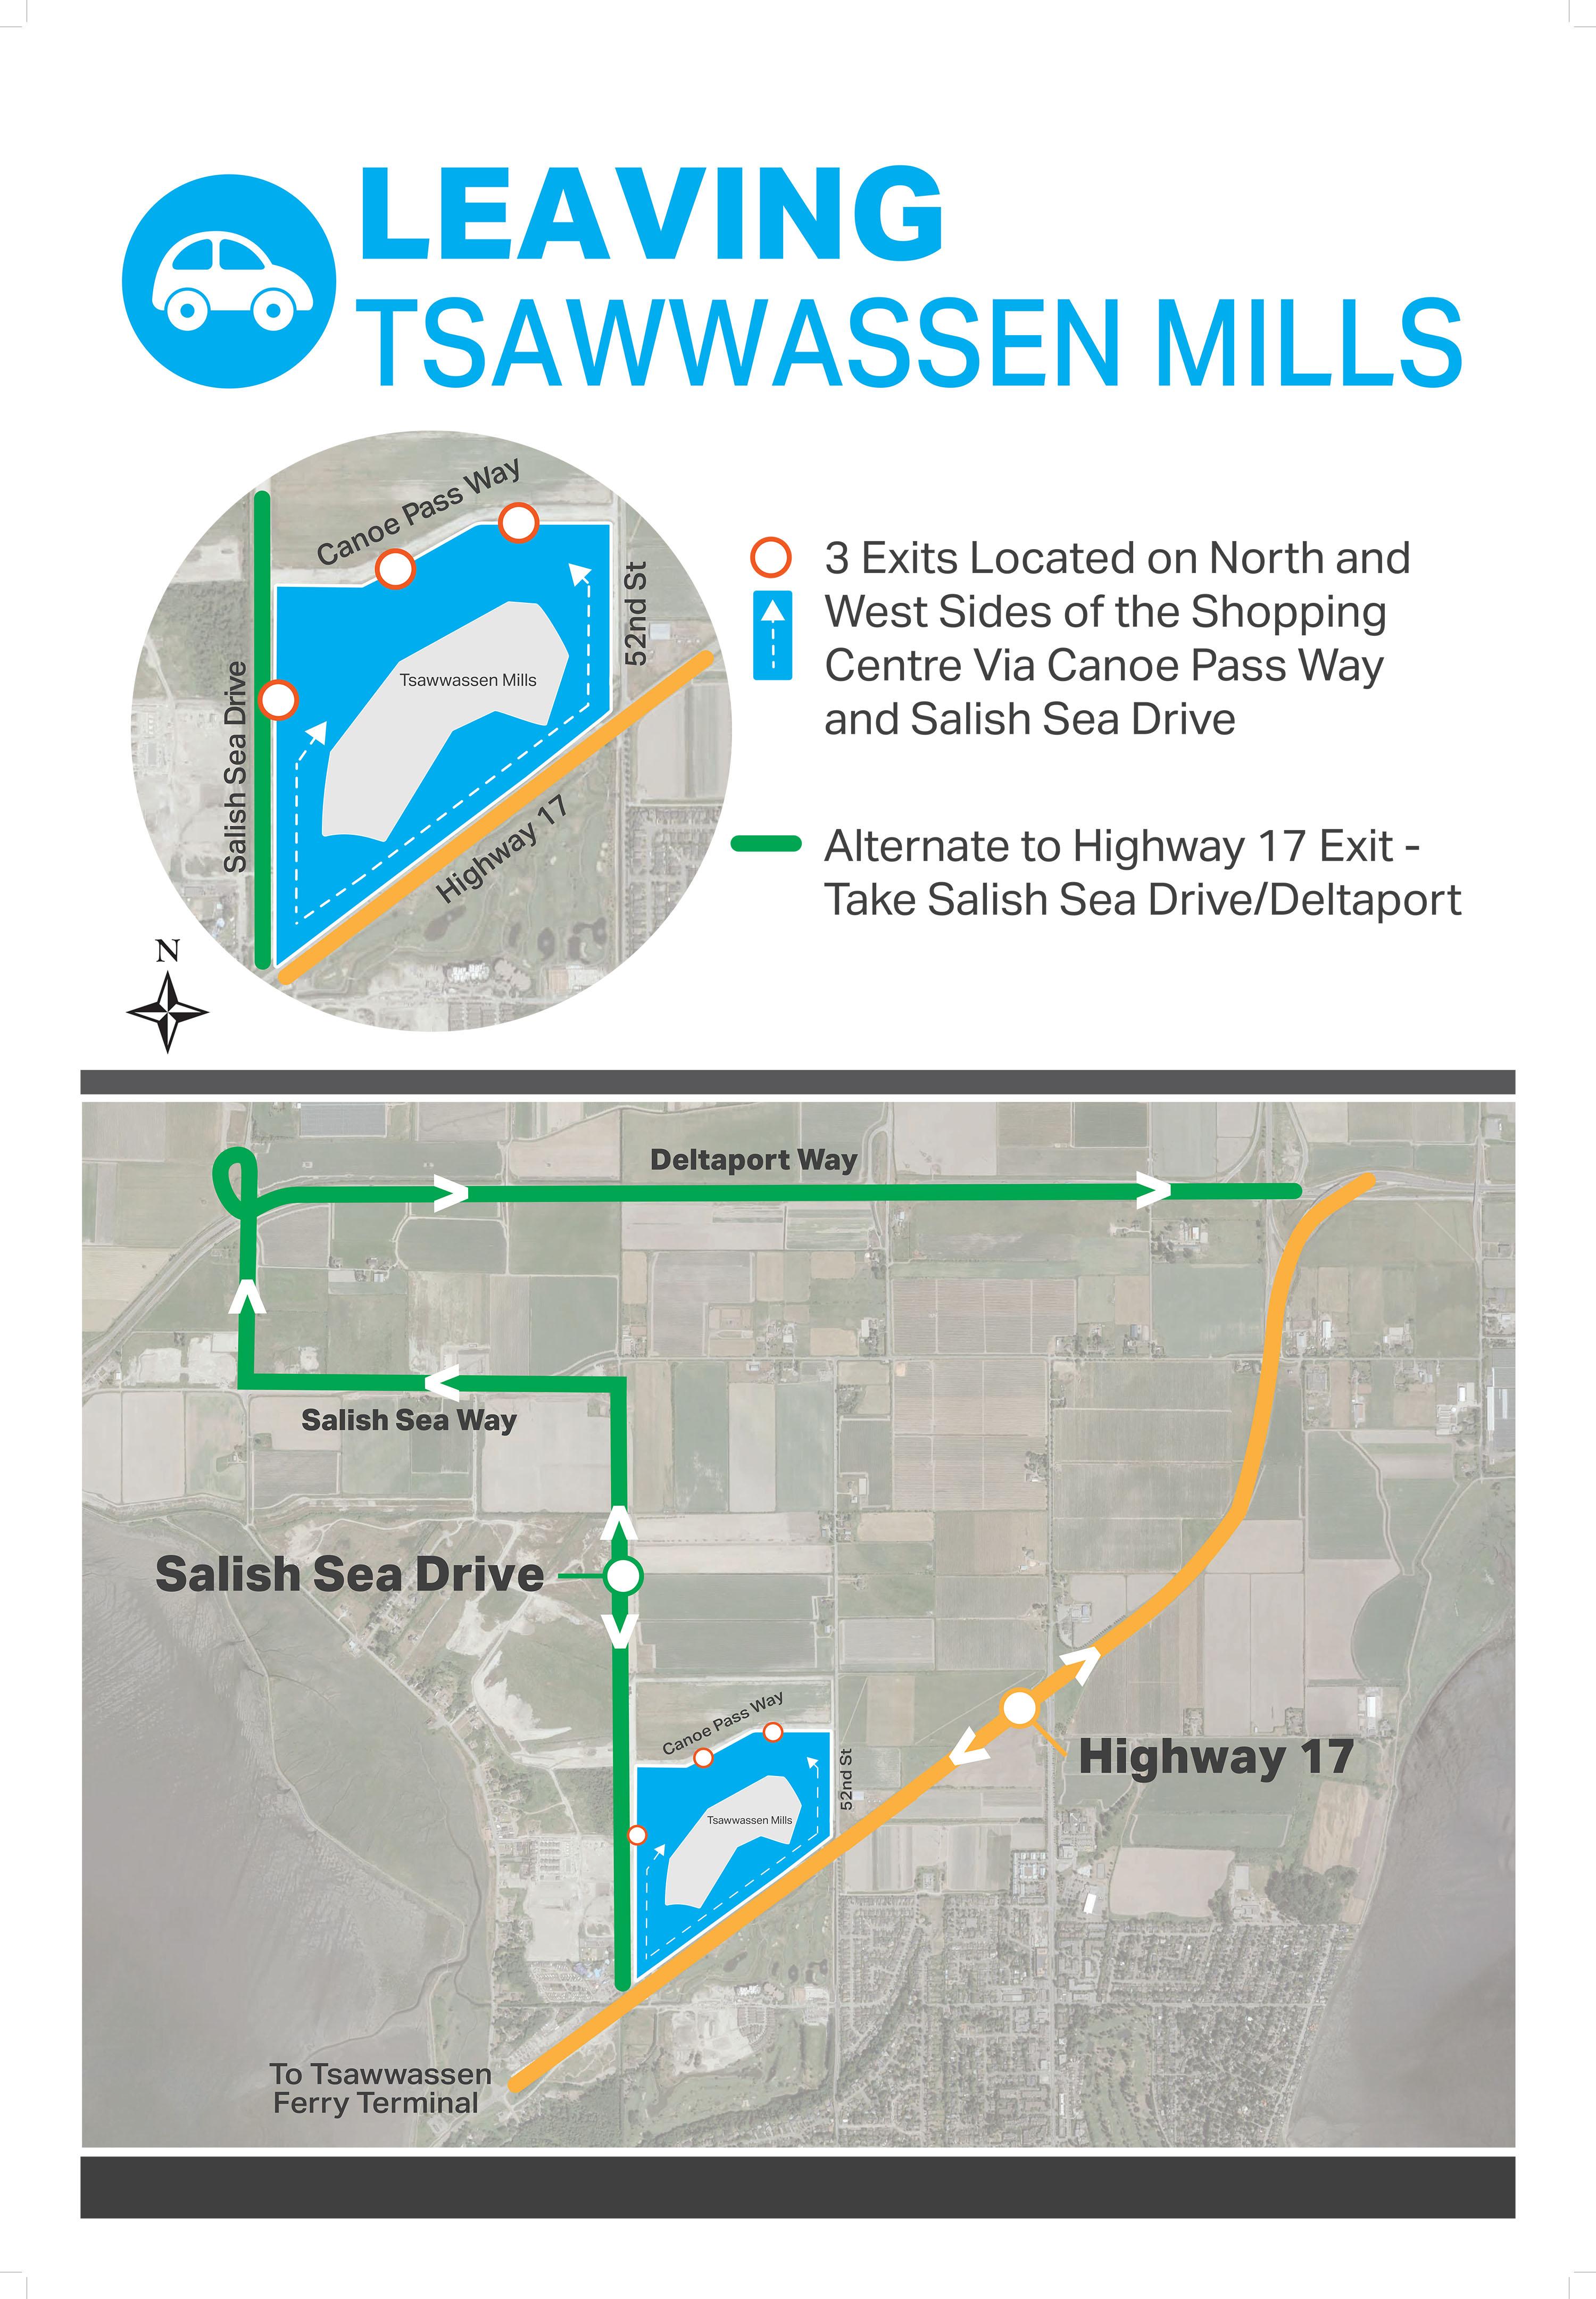 How to exit Tsawwassen Mills parking lot (Tsawwassen Mills)